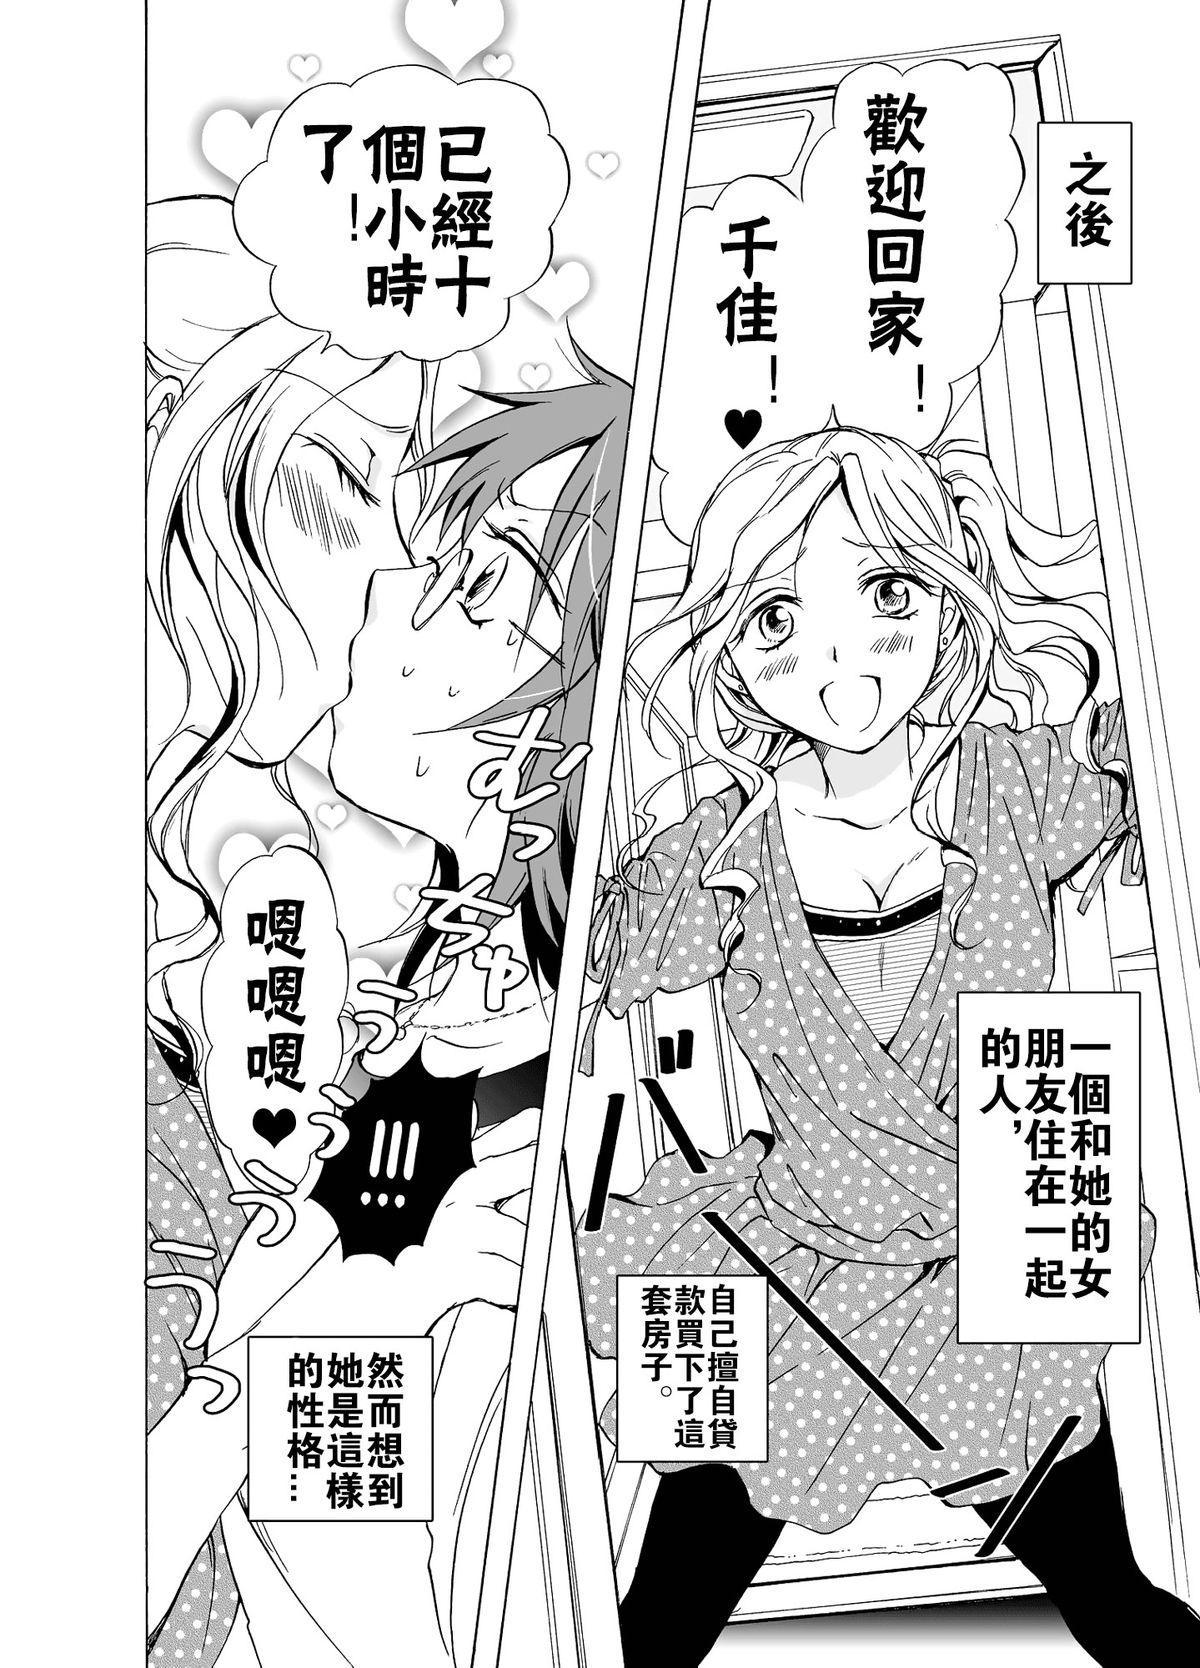 Aisaresugite Komaru no | 為愛所困 5